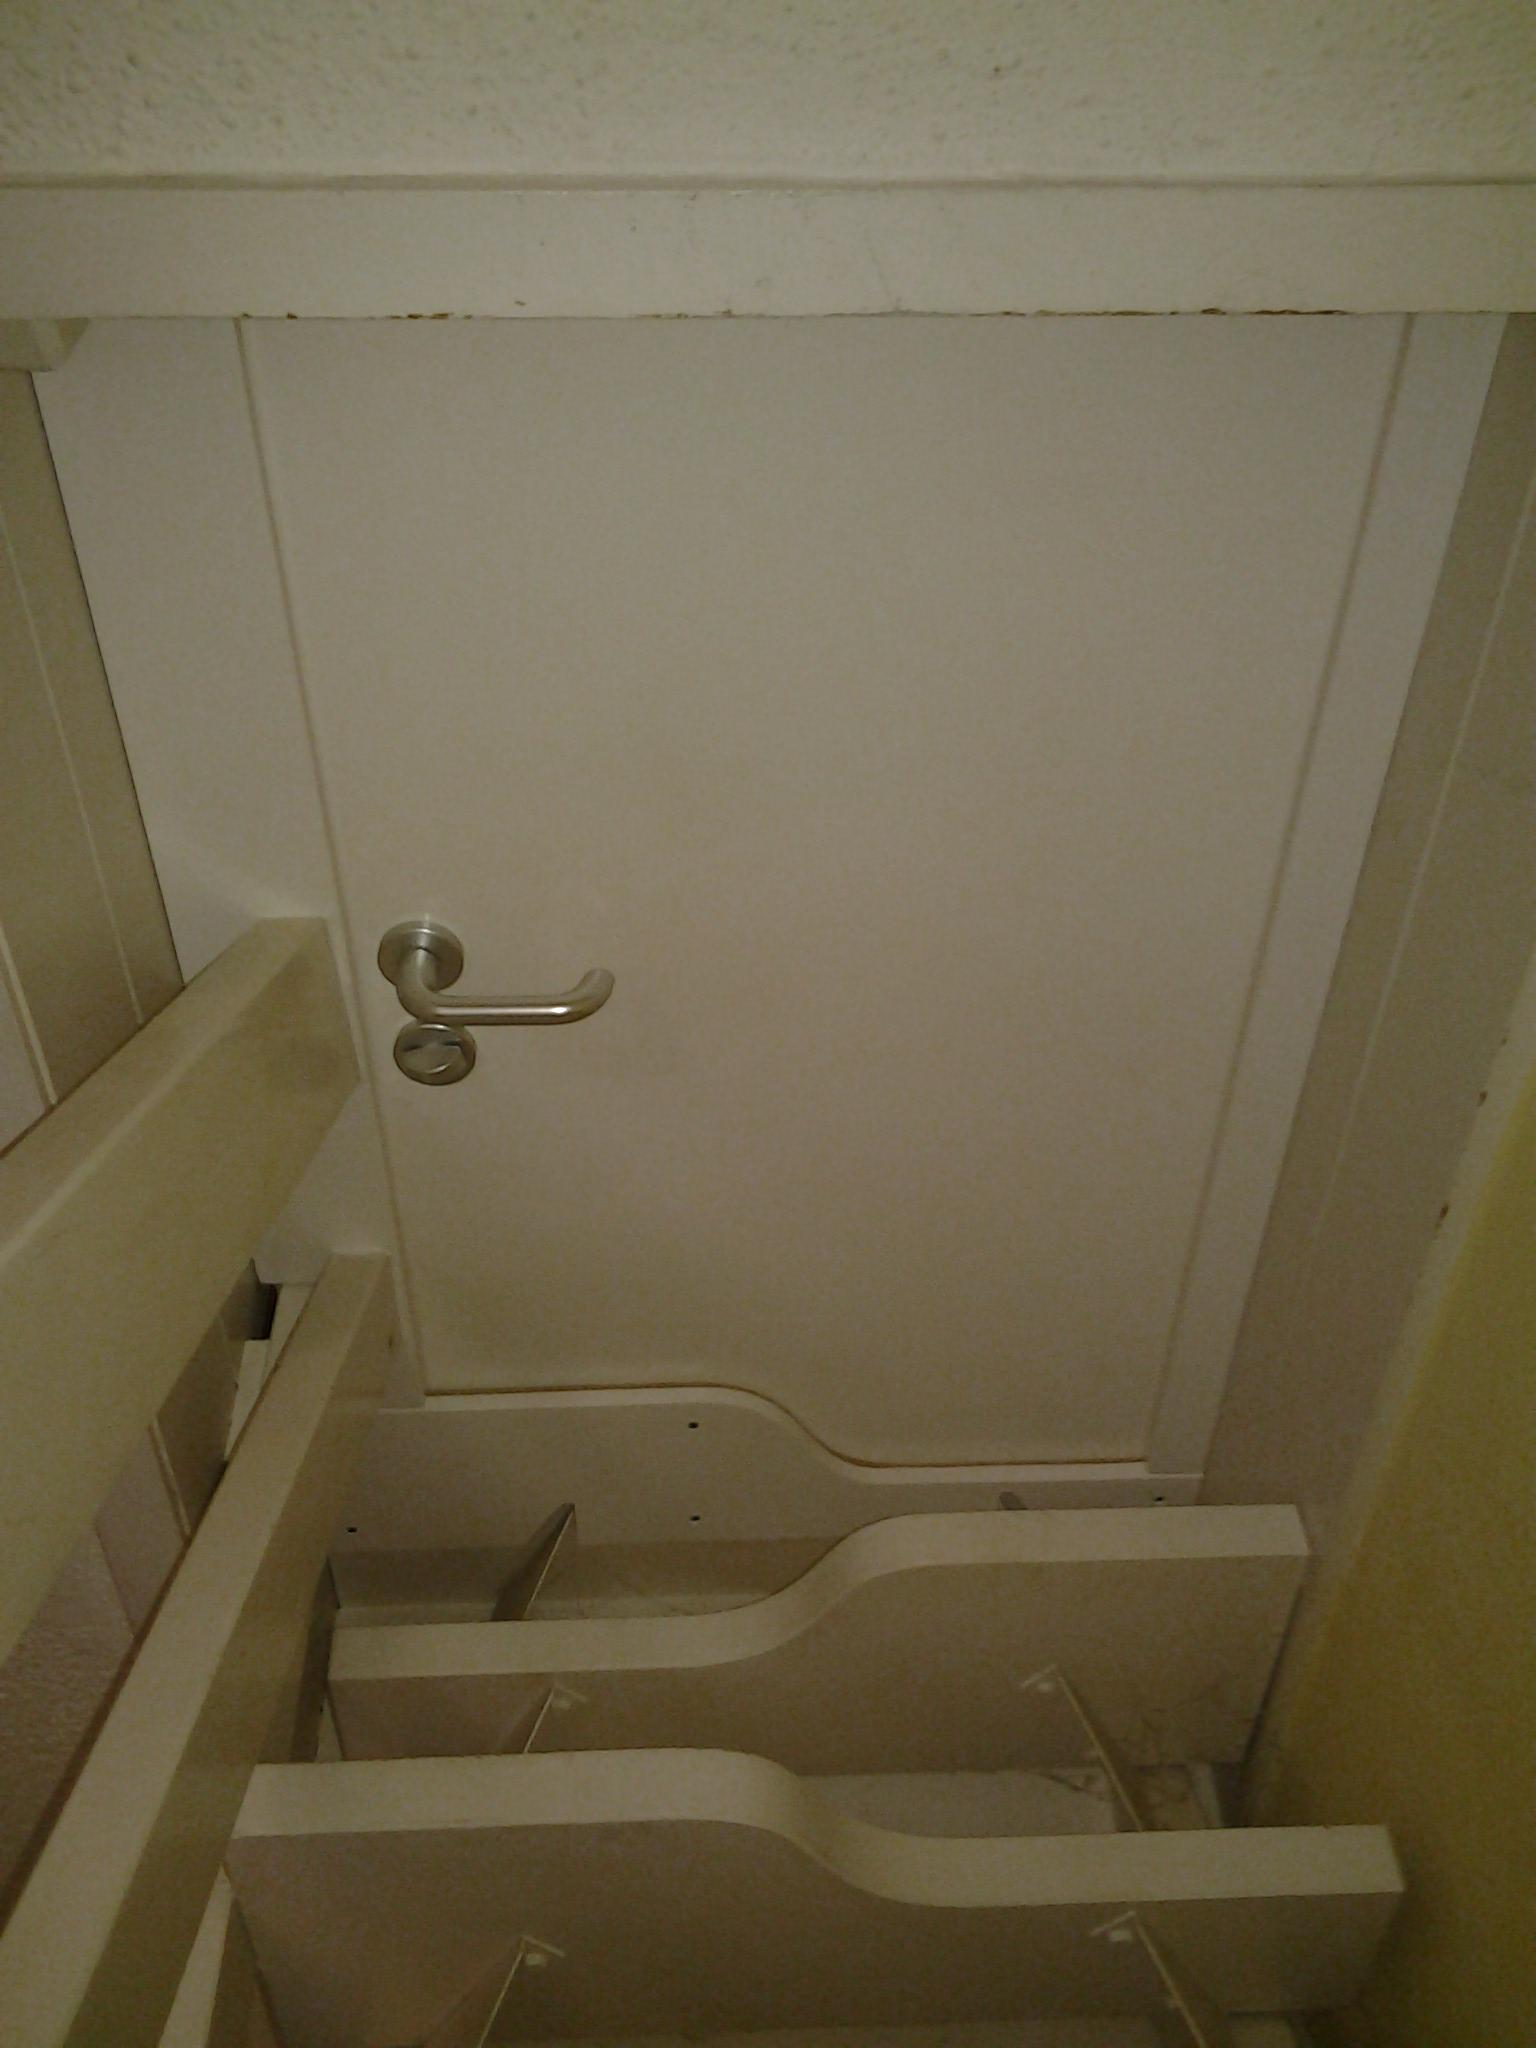 Lukendeckel von unten abschließbar